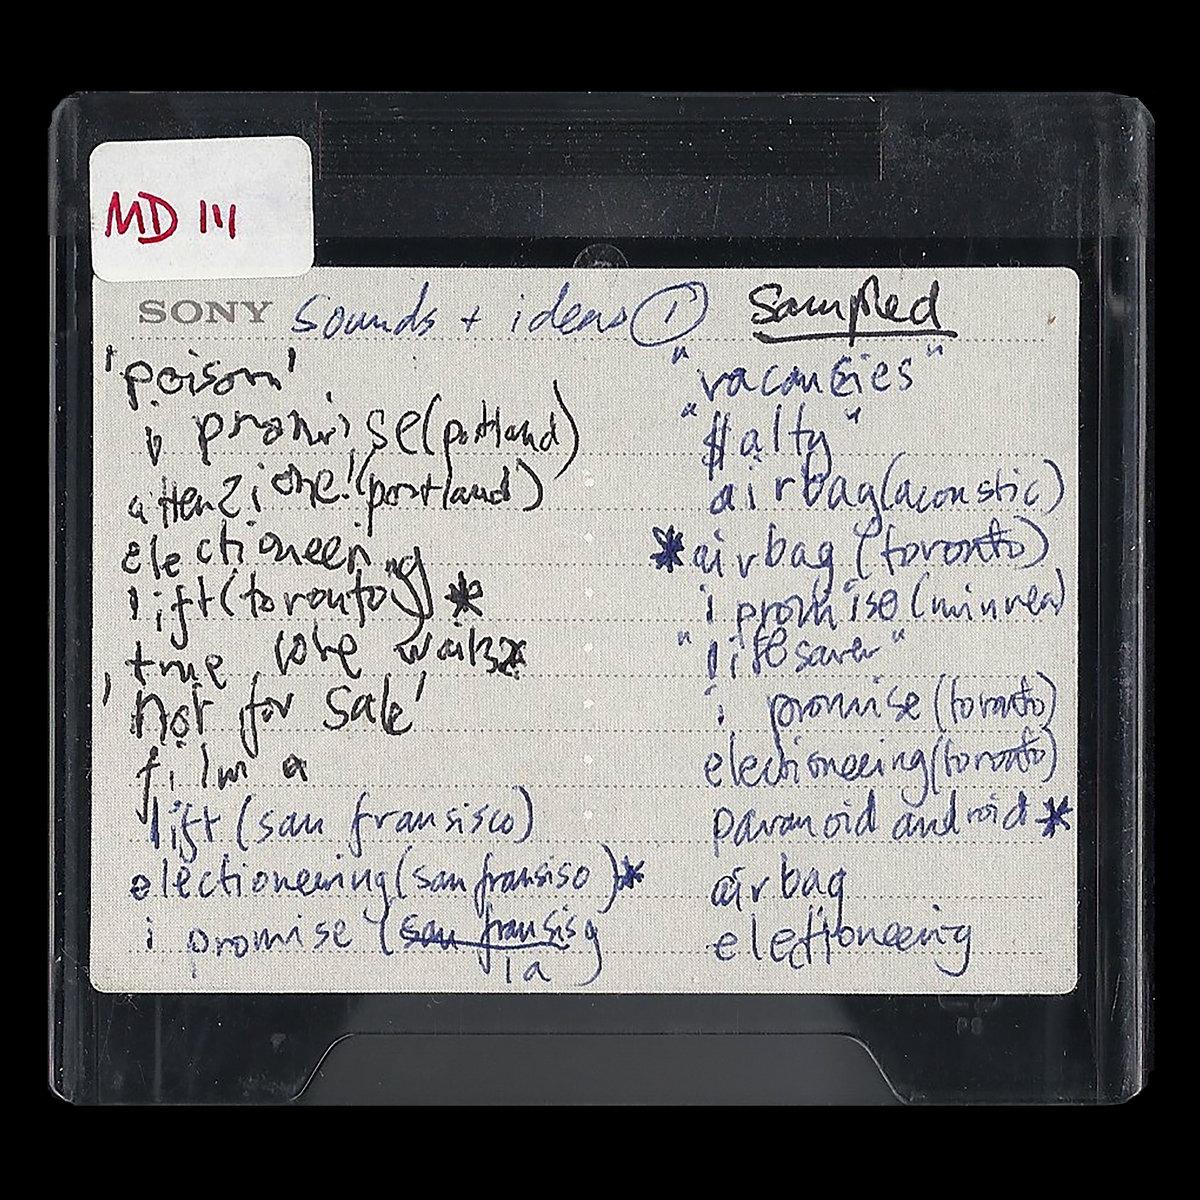 """Album of the Day: Radiohead, """"MINIDISCS [HACKED]"""""""